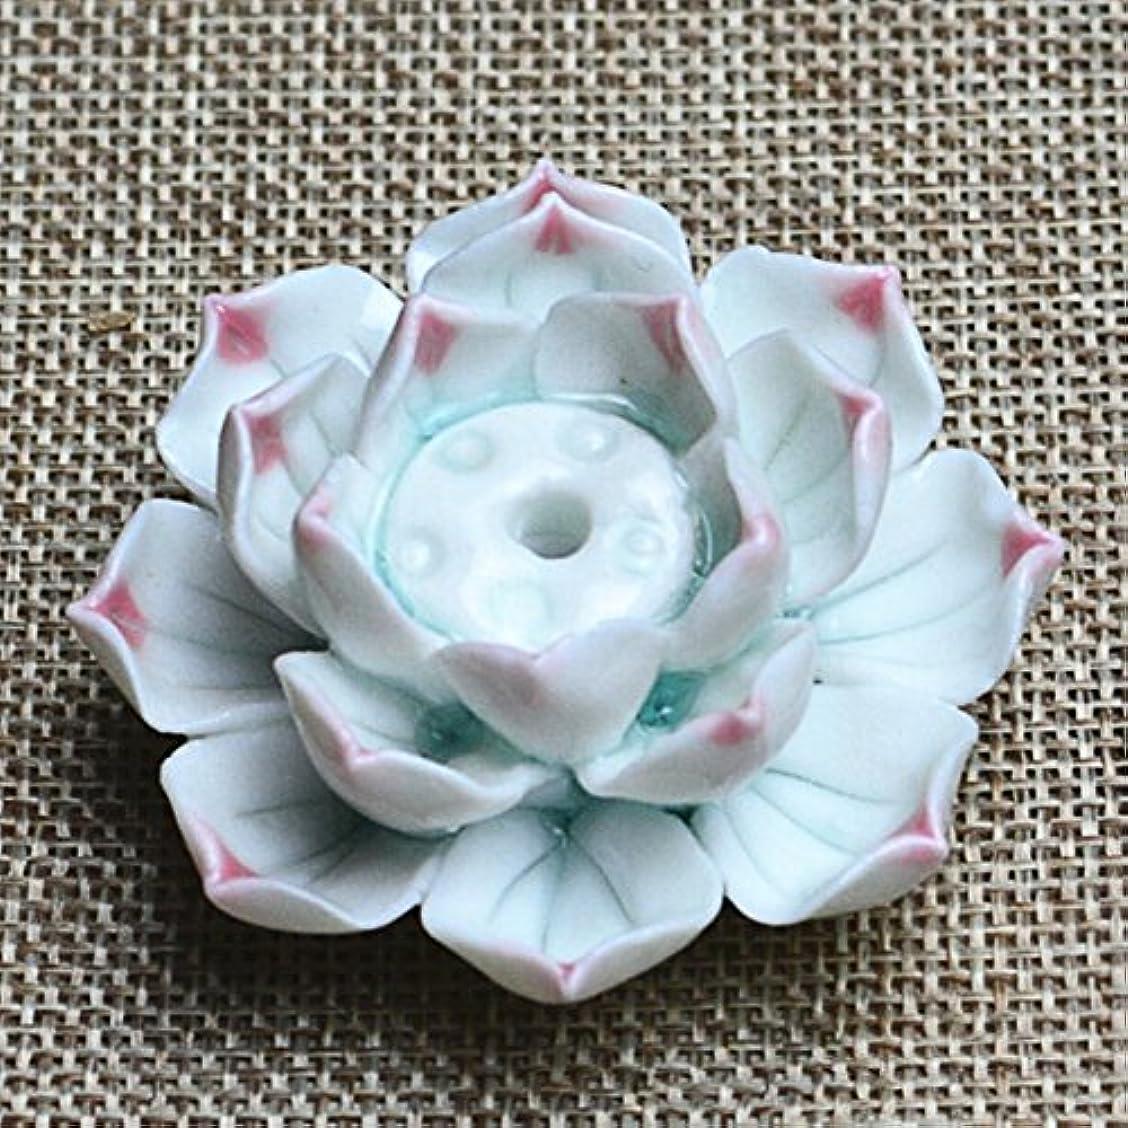 スクレーパー不適切な不適切なLiebeye セラミック 香炉 バーナー スティック ホルダー アッシュ キャッチャー プレート 1/3穴 ピンク ポイントの花